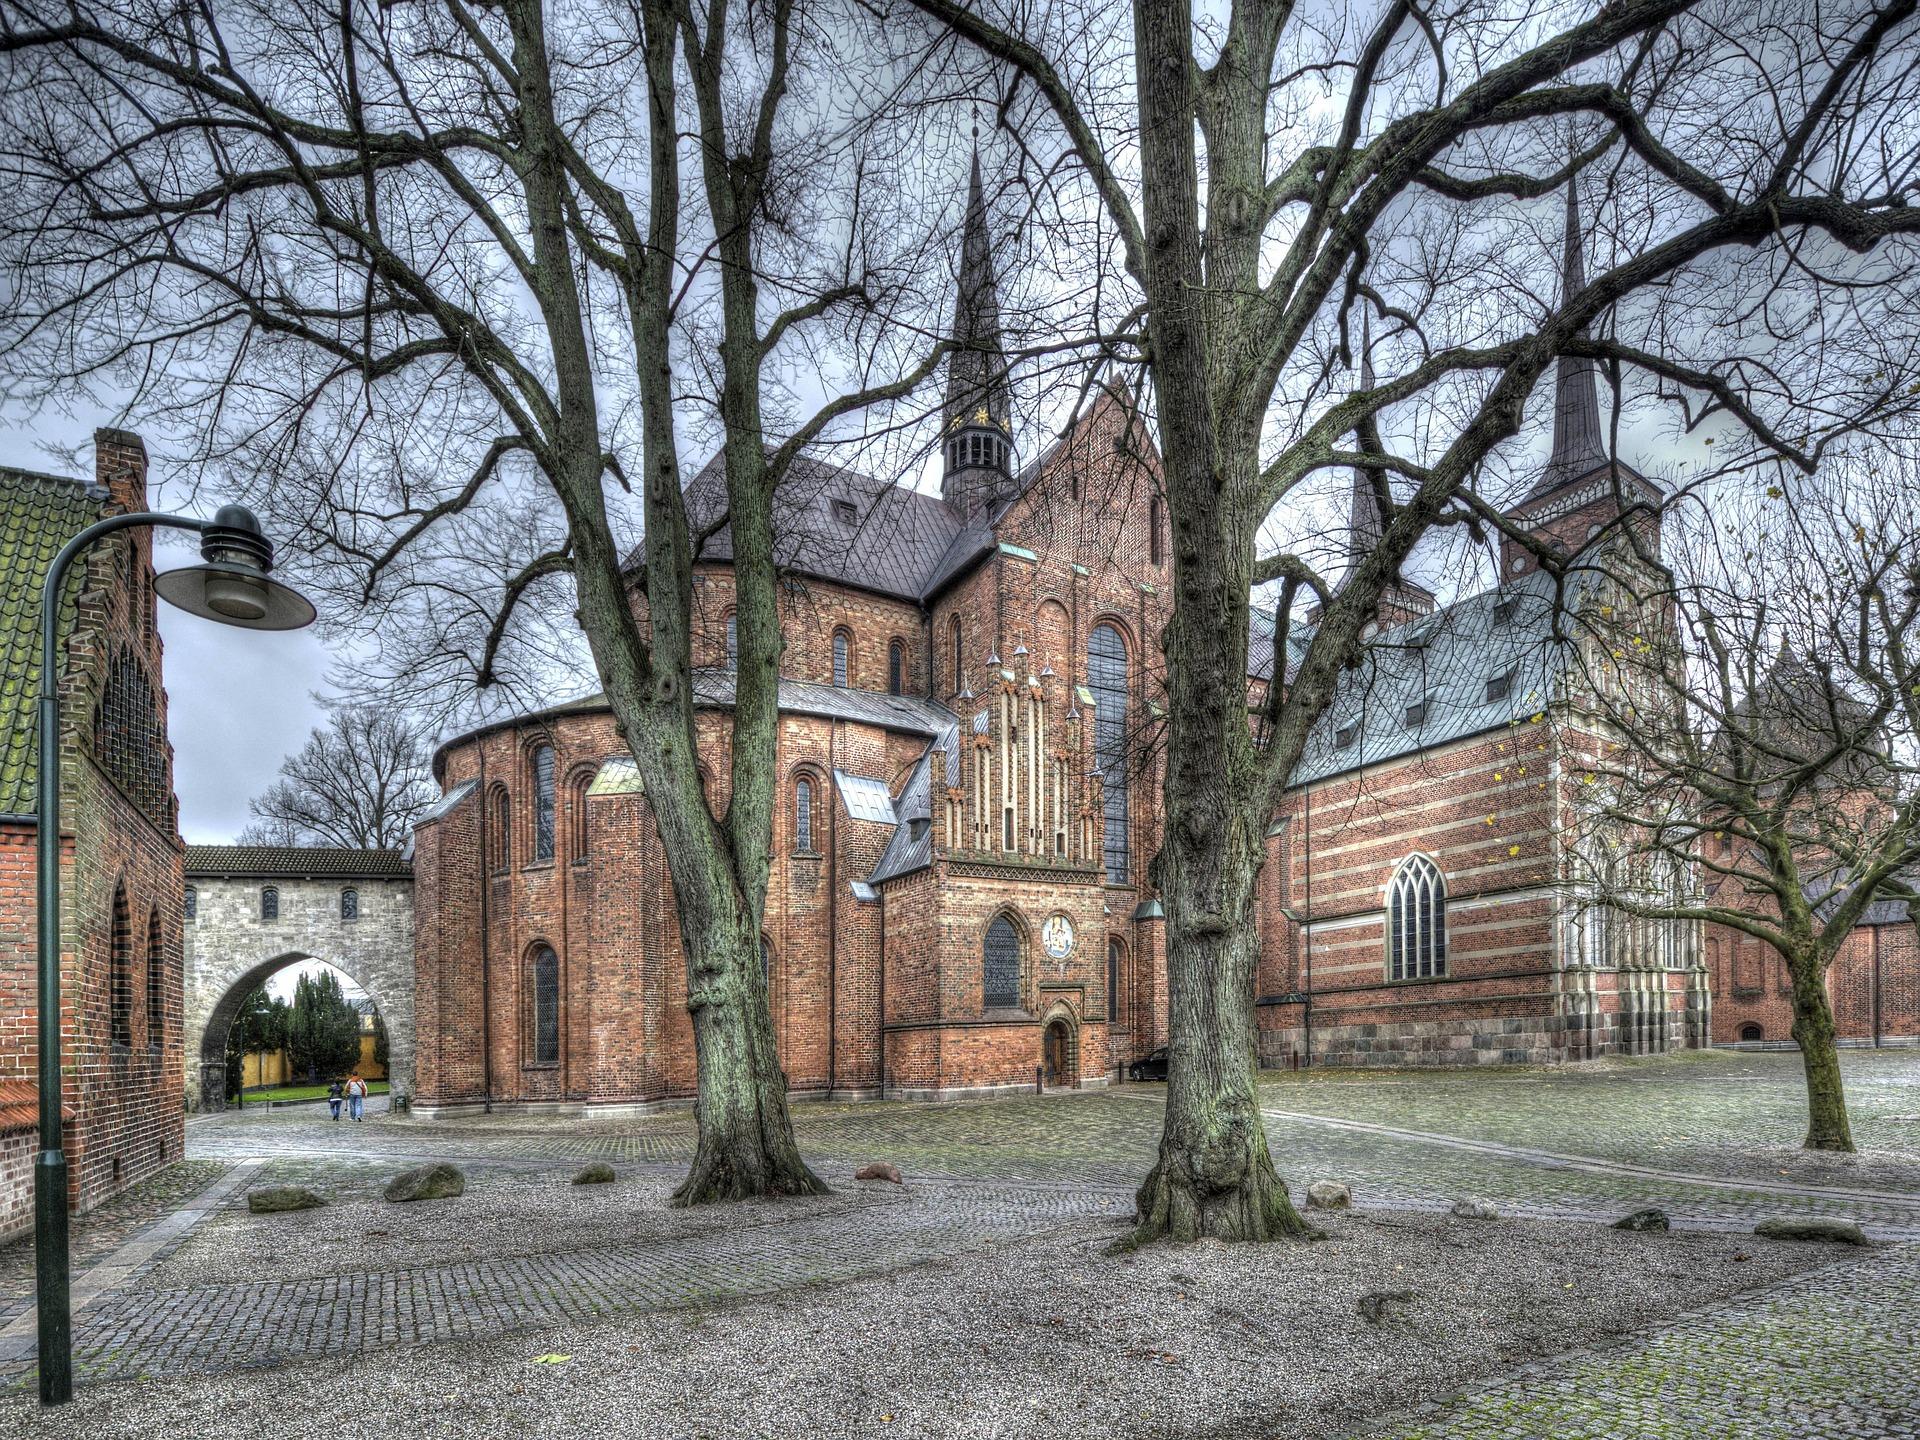 Spectacular Scandinavia & its Fjords - Roskilde Cathedral, Roskilde, Denmark